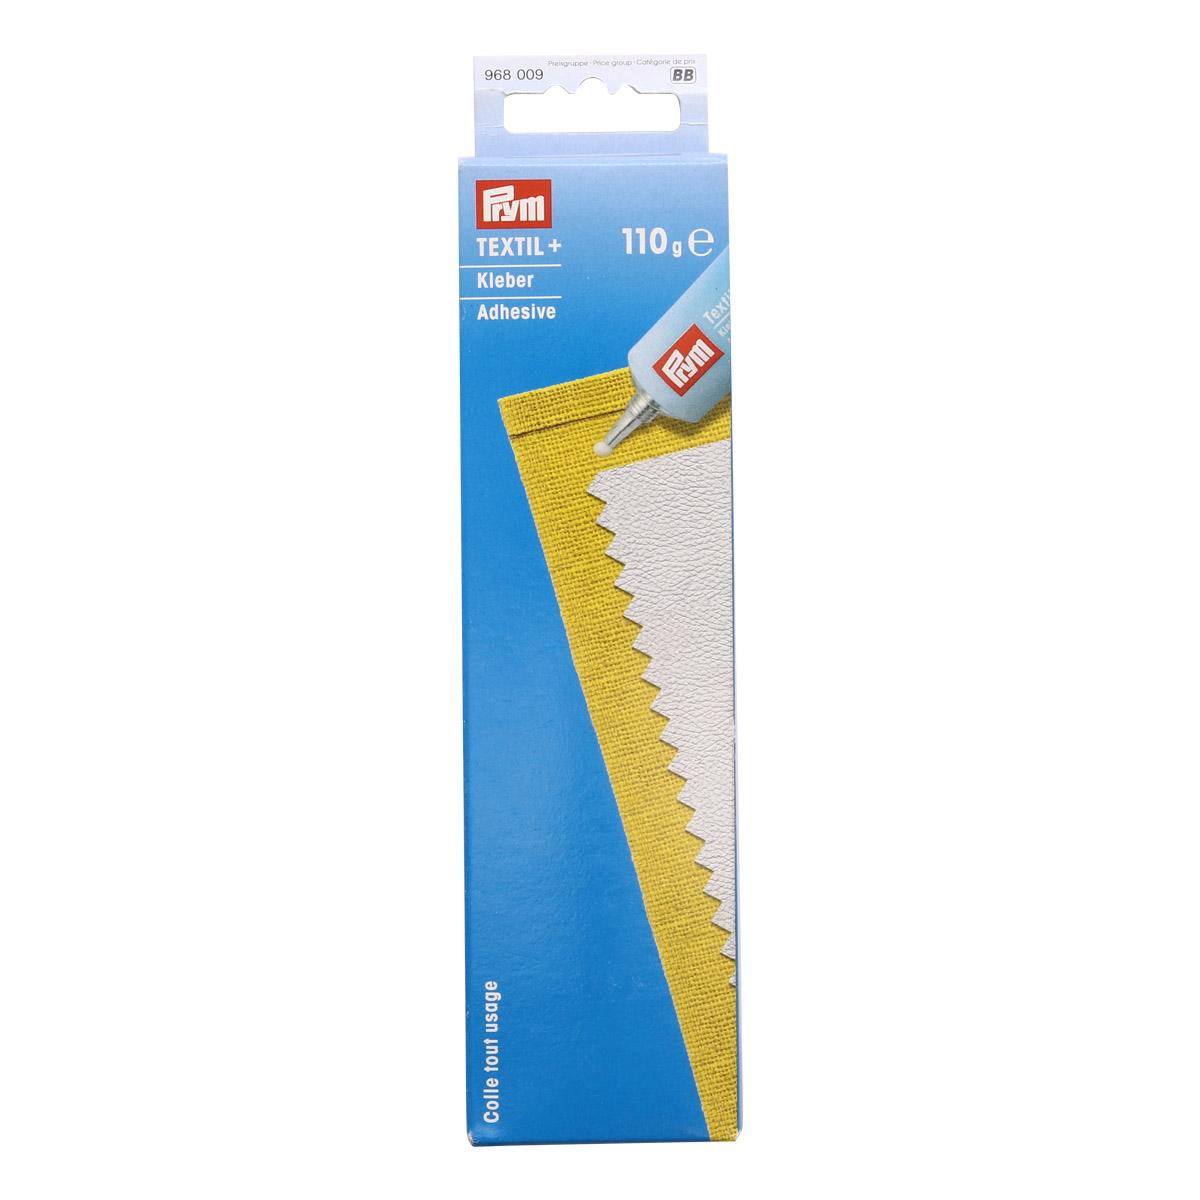 968009 Клей для текстиля Textil+ 110г Prym